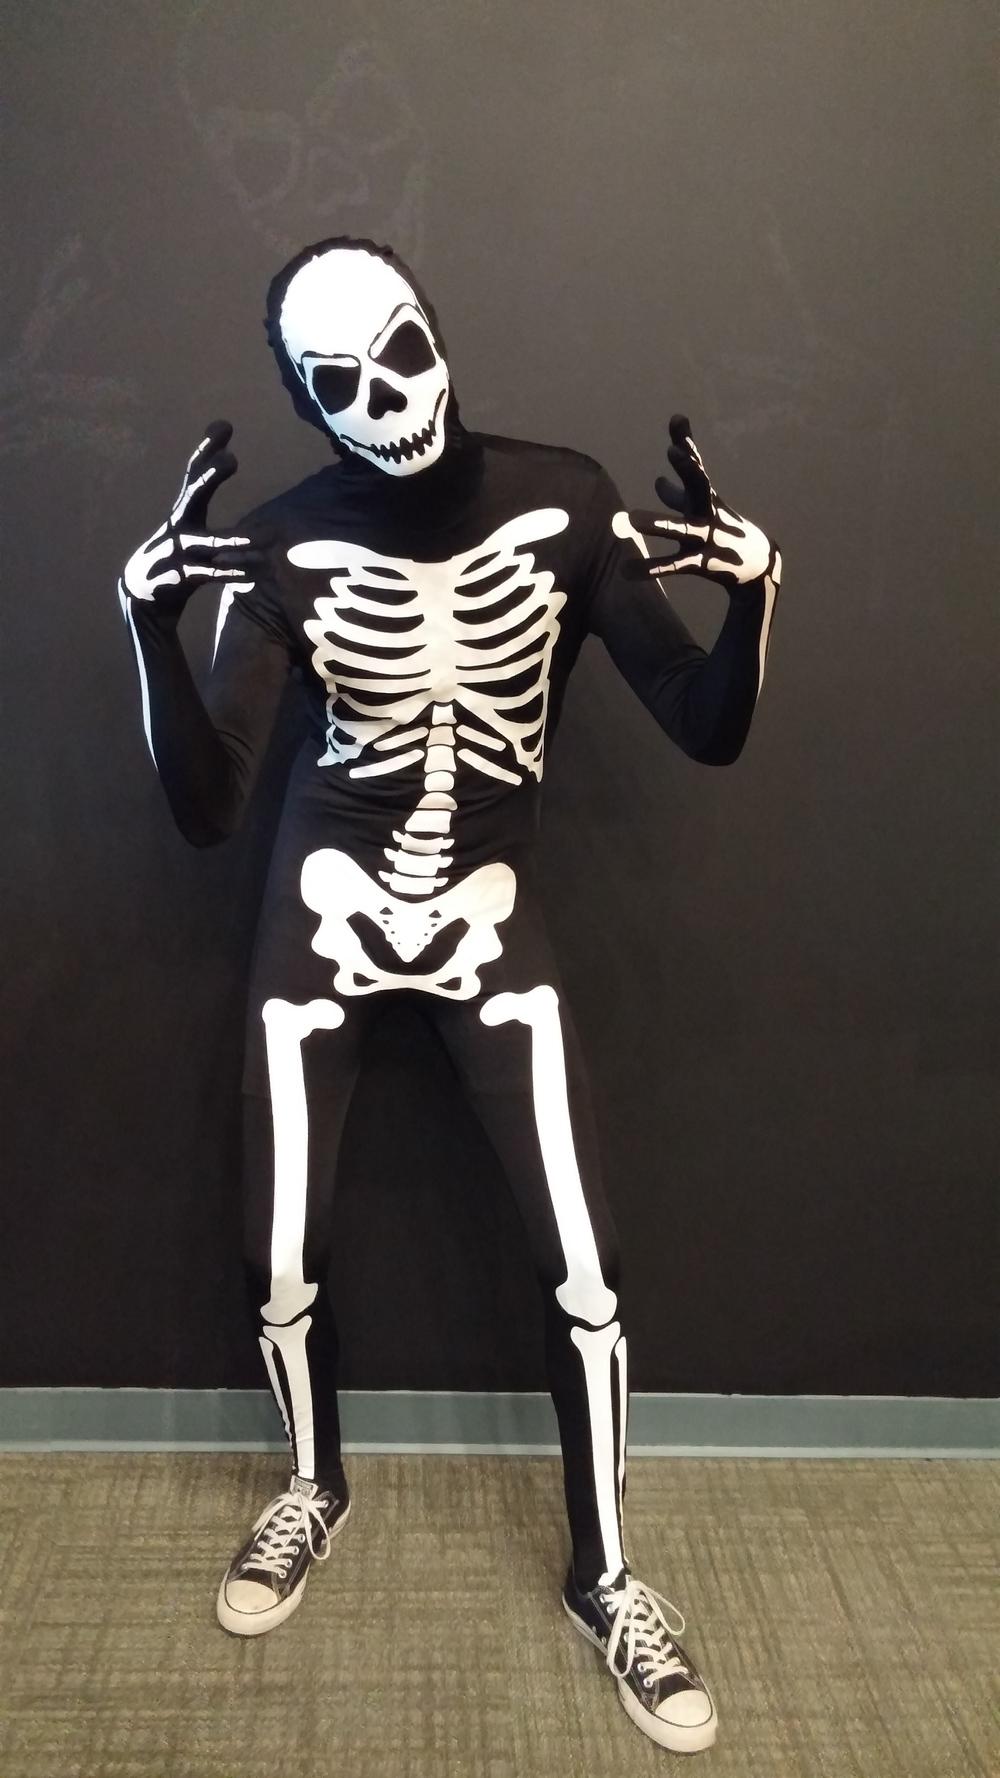 Josh was a Skeleton